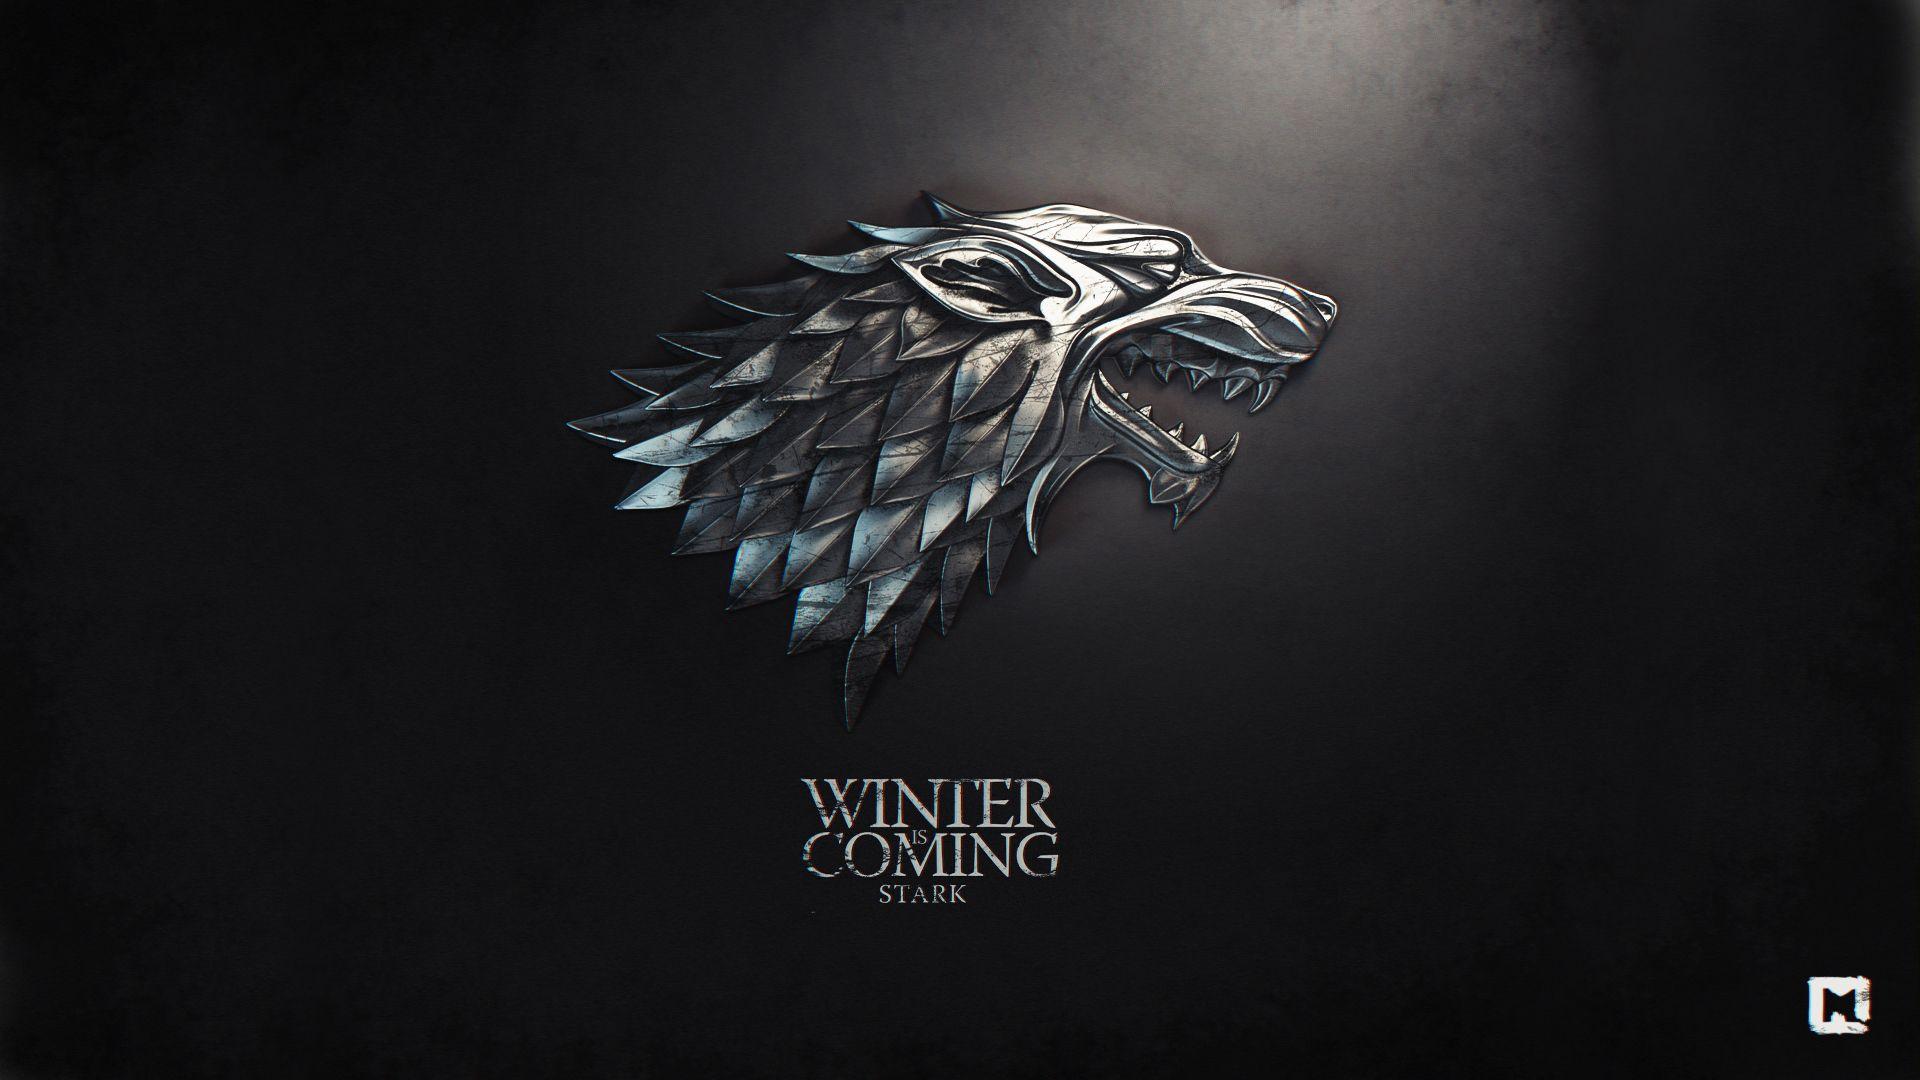 Games Of Thrones Stark Wallpaper 1920x1080 In 2019